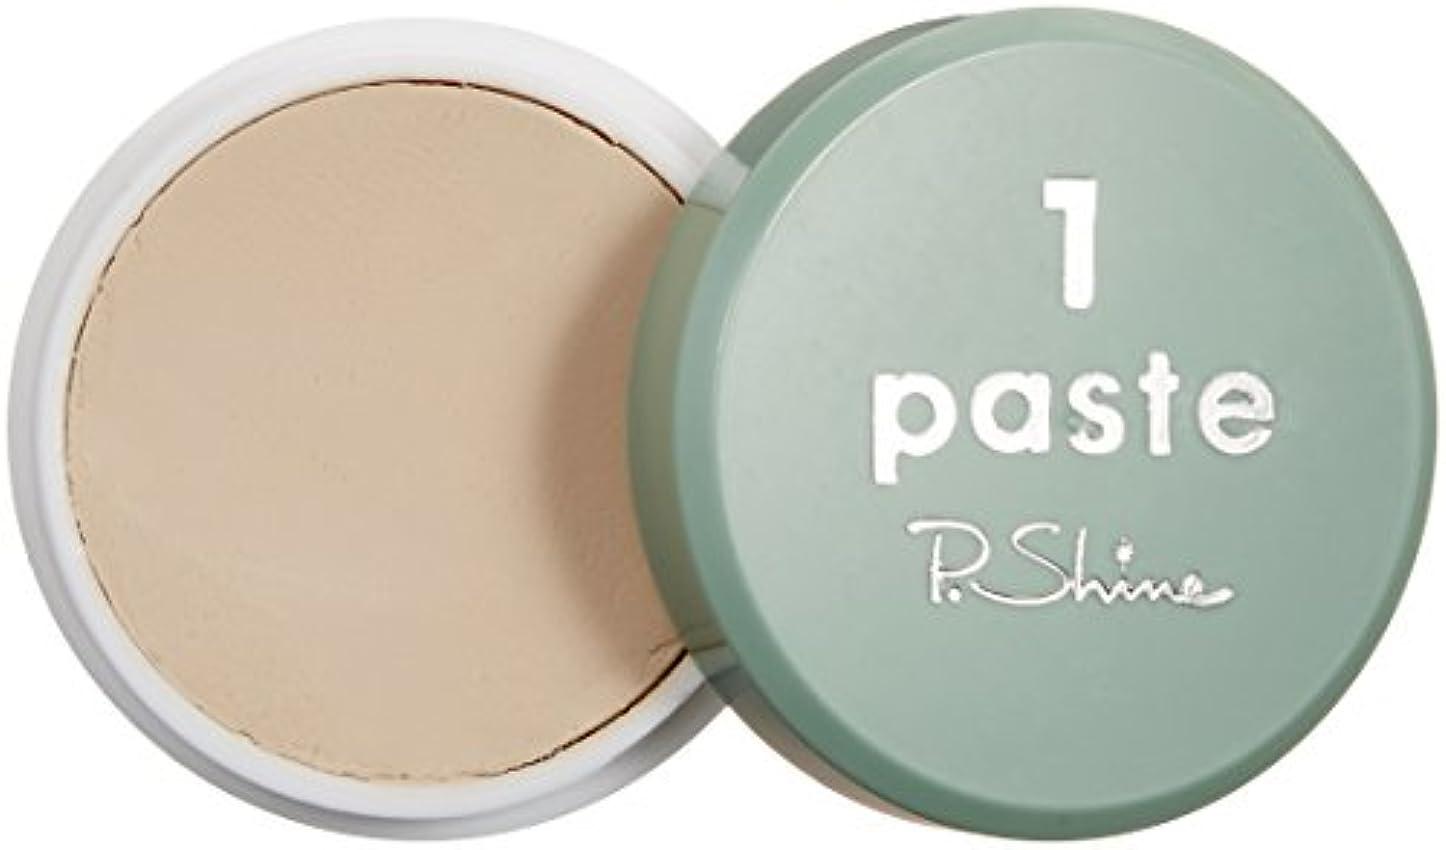 メーカーなに備品P. Shine 爪磨きペースト 8g 下地用爪磨き剤